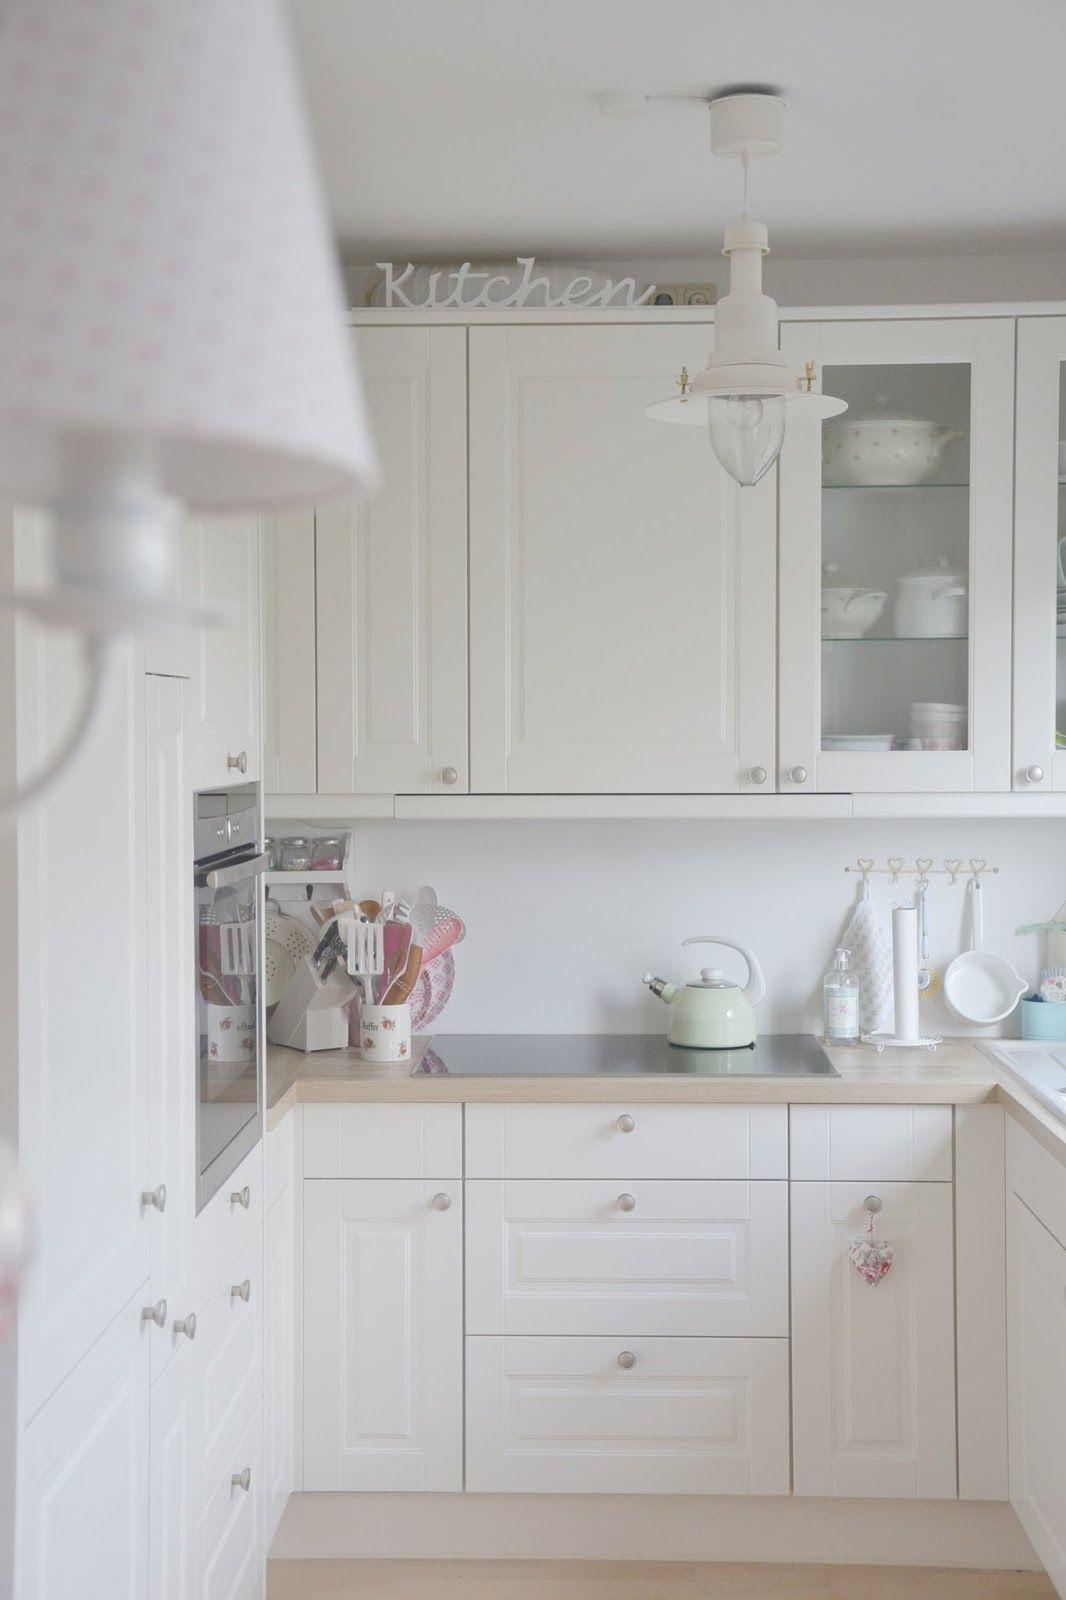 Esszimmer ideen entenei in the kitchen ähnliche tolle projekte und ideen wie im bild